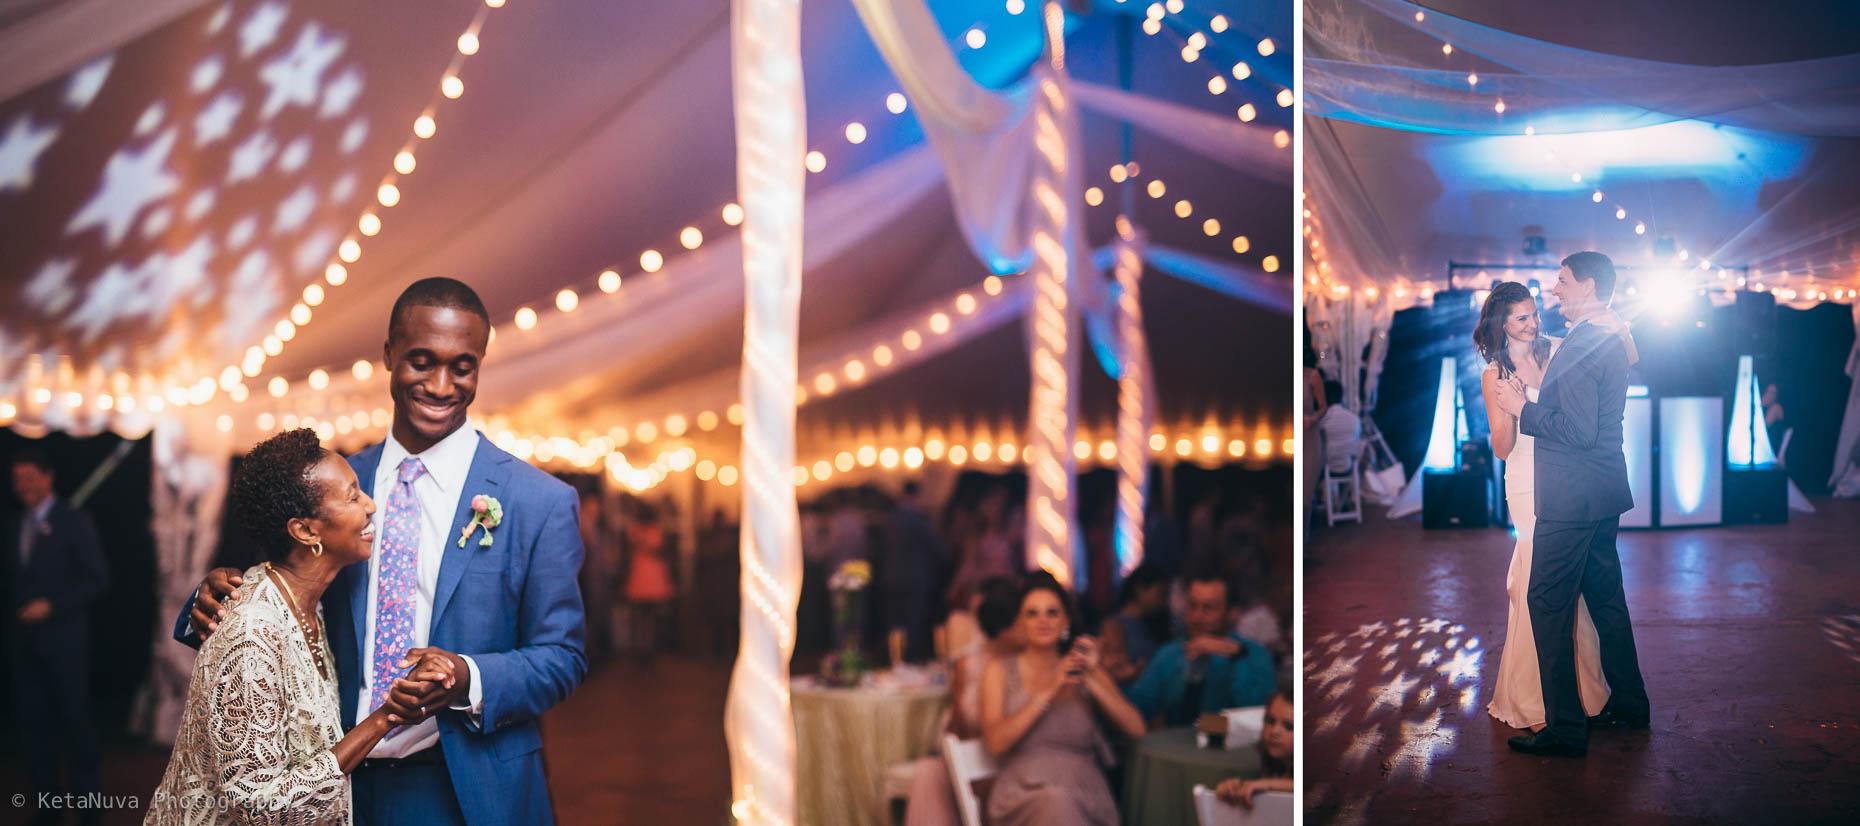 Sunken Garden - Lauxmont Farms Wedding | Aubrey & Barrett Lauxmont Farms Wedding Sunken Garden 013